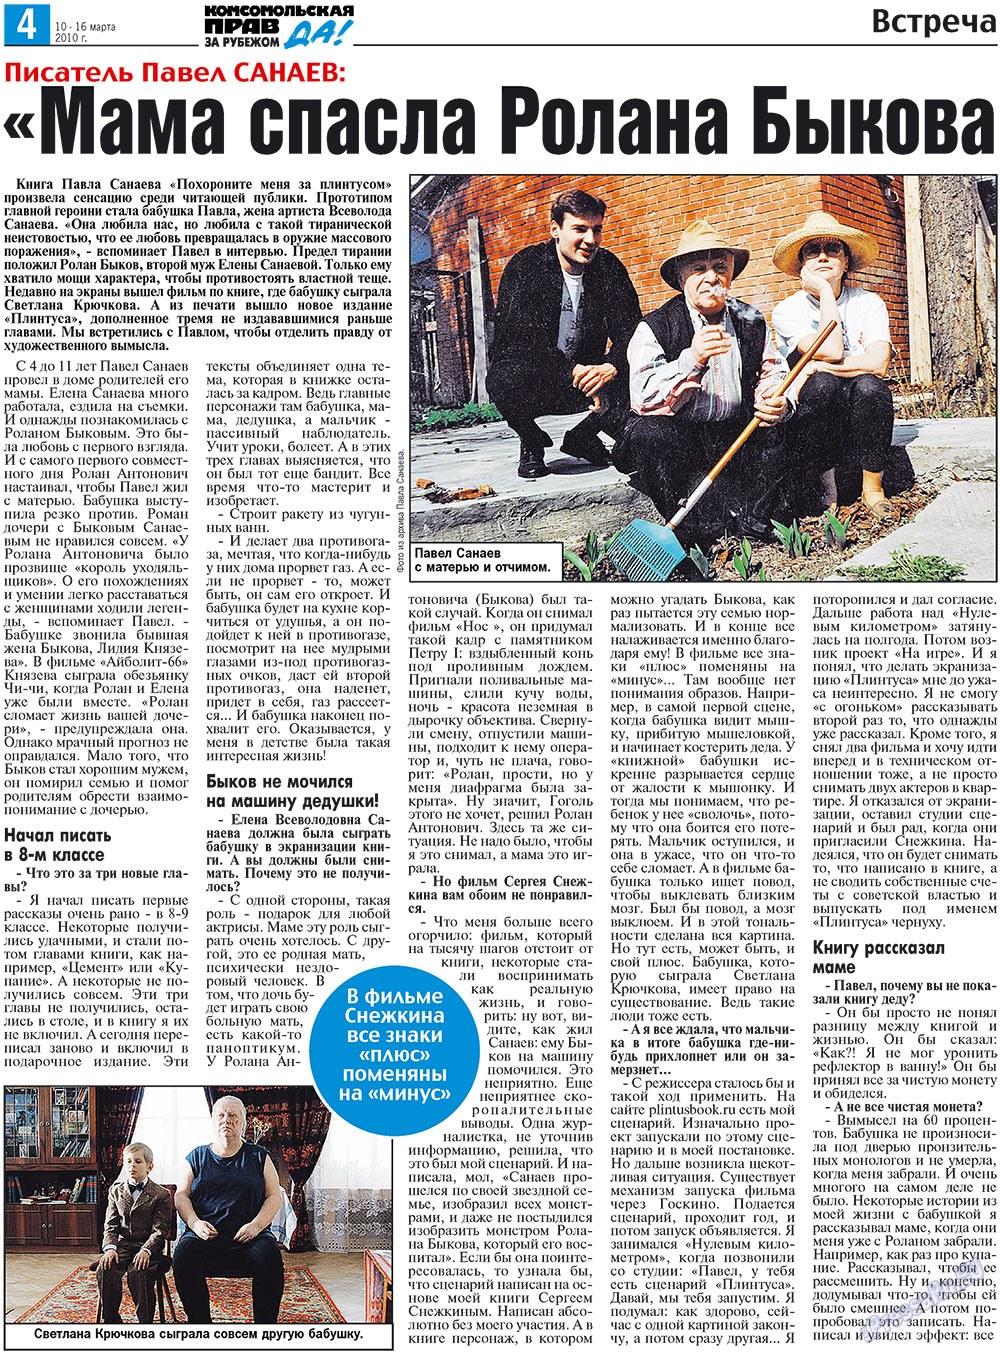 Наша Газета Ирландия (газета). 2010 год, номер 10, стр. 12